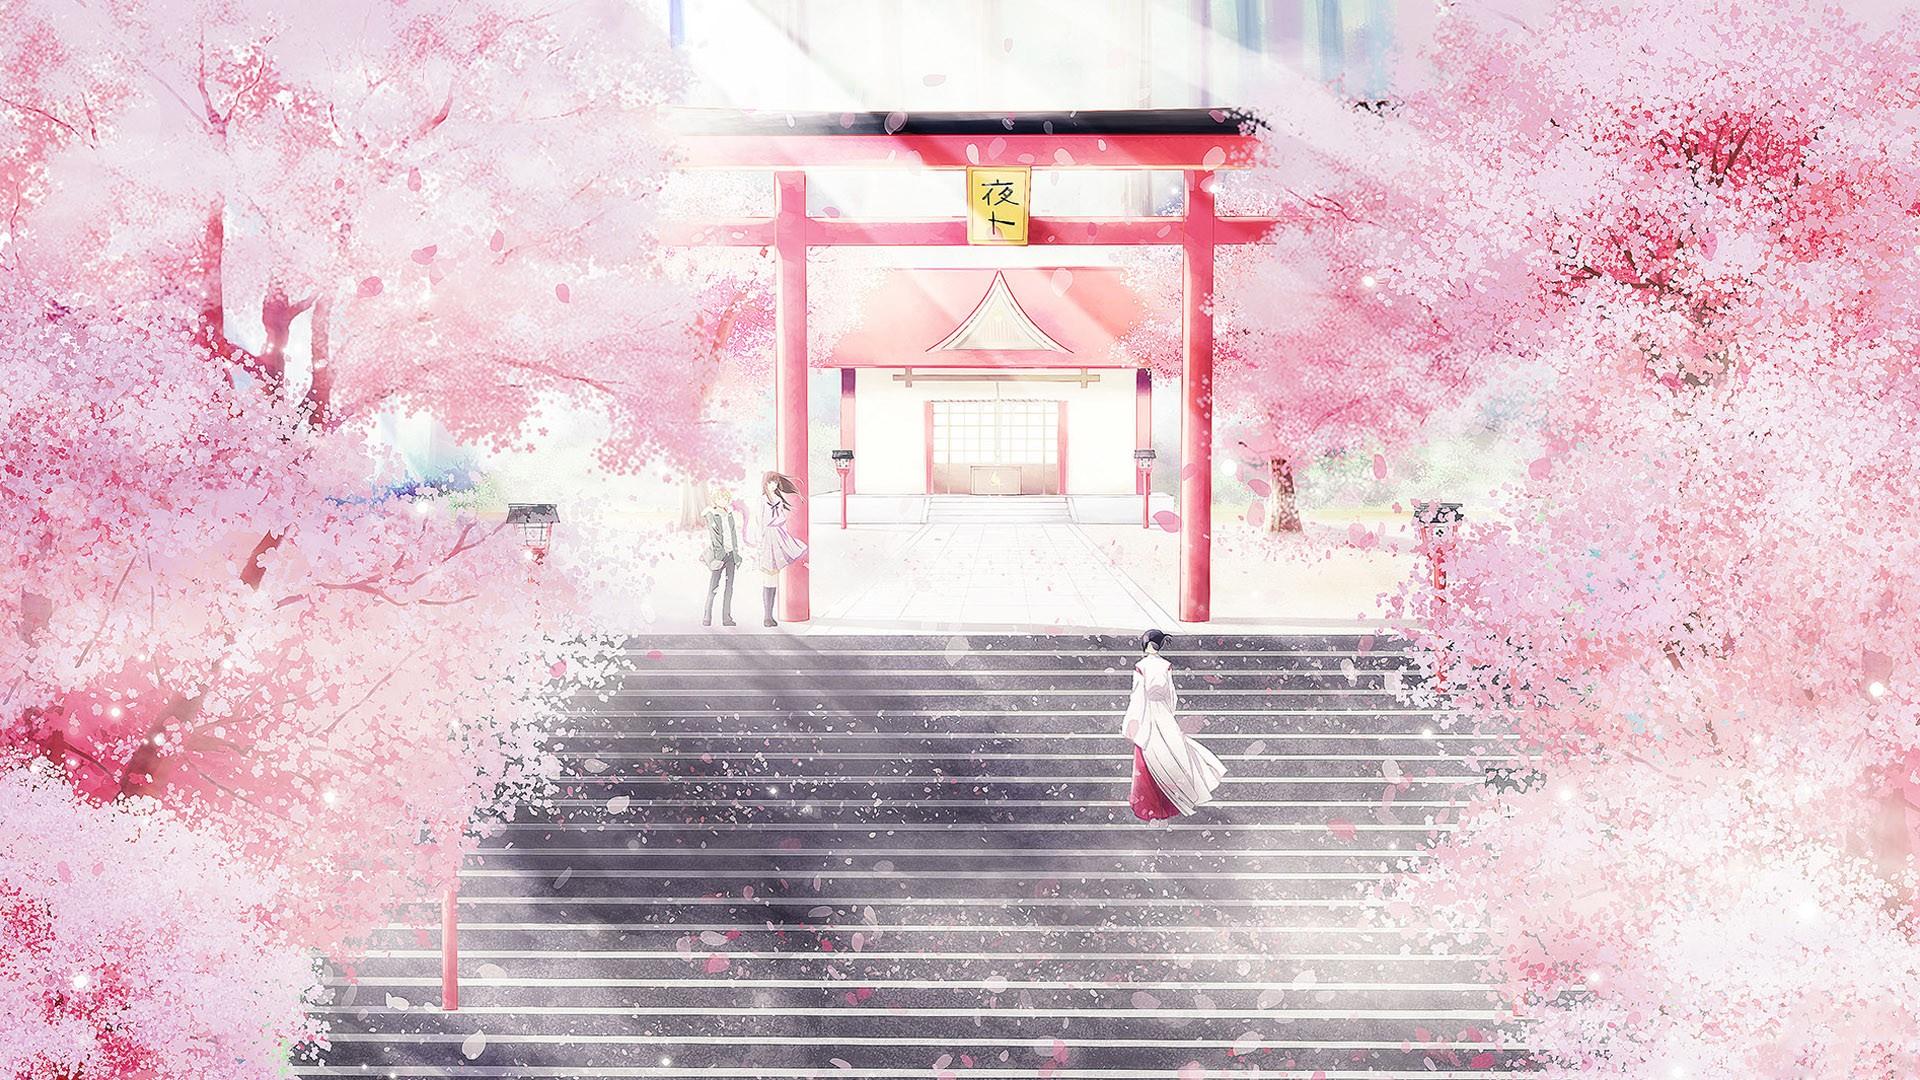 Pink Cherry Blossom Wallpaper Hd Sfondi Bianca Rosso Parete Casa Fiore Di Ciliegio